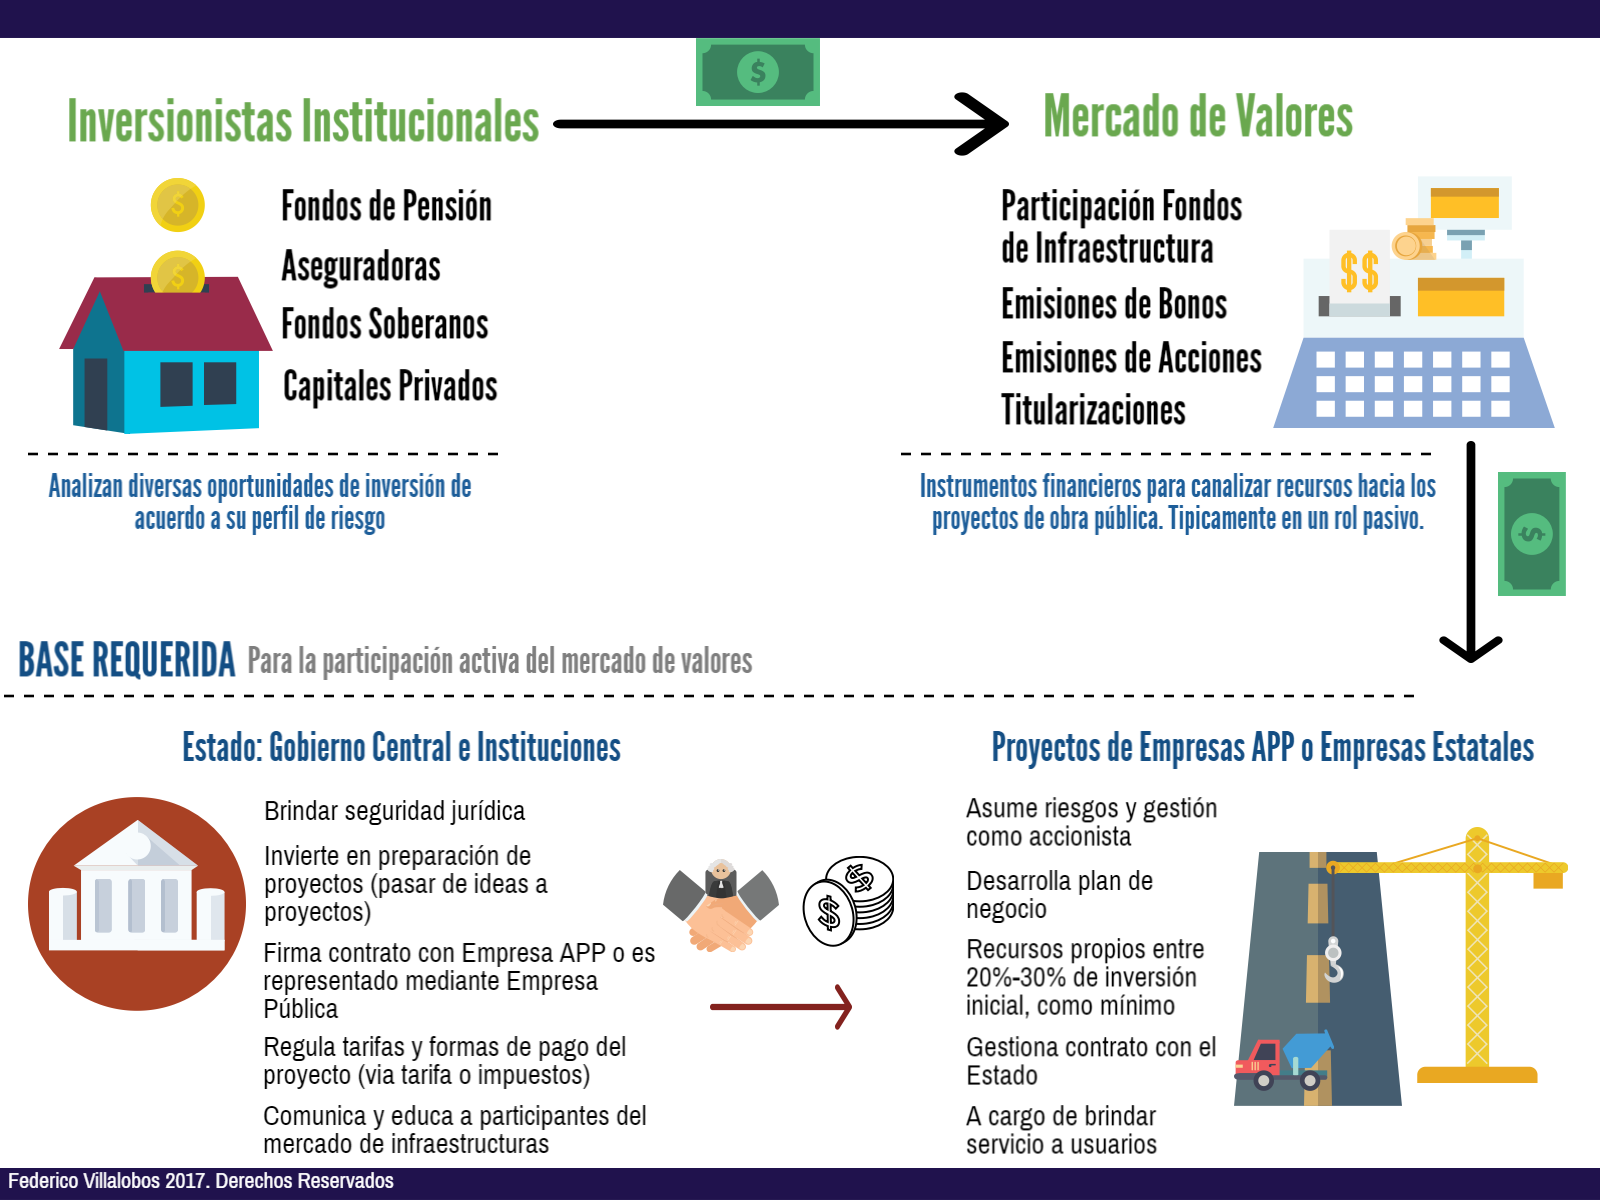 MercadoValoresinfraestructura